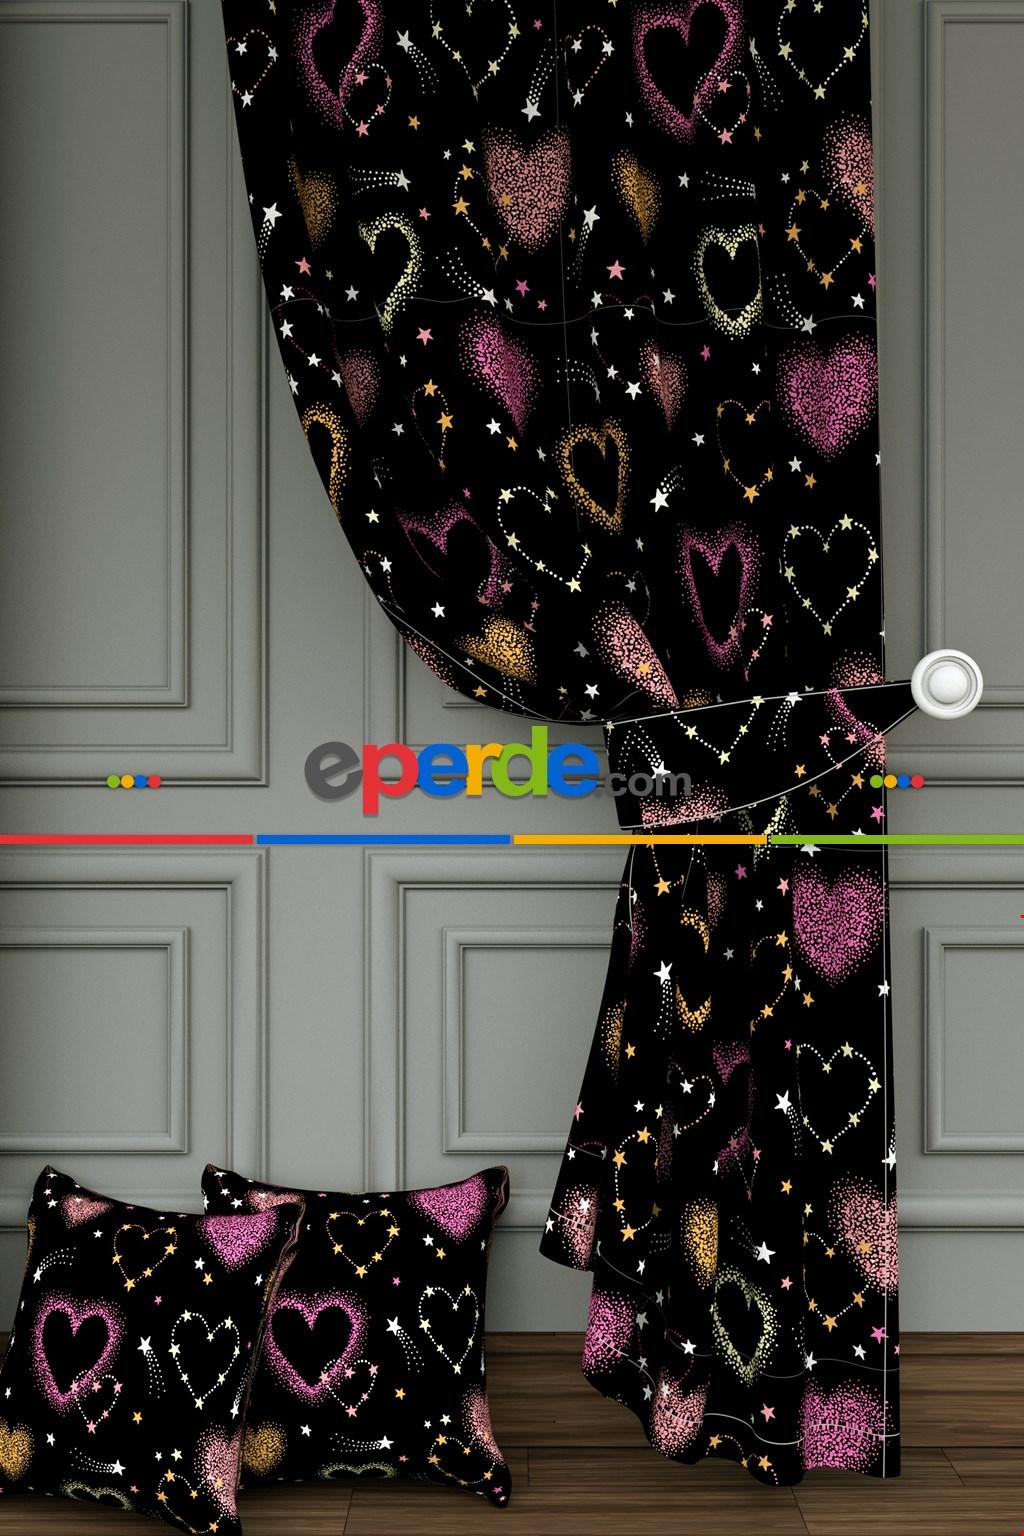 Siyah Pembe Kalp Desenli Baskılı Fon Perde - Dökümlü Ve Yumuşak Ağır Bir Kumaştır